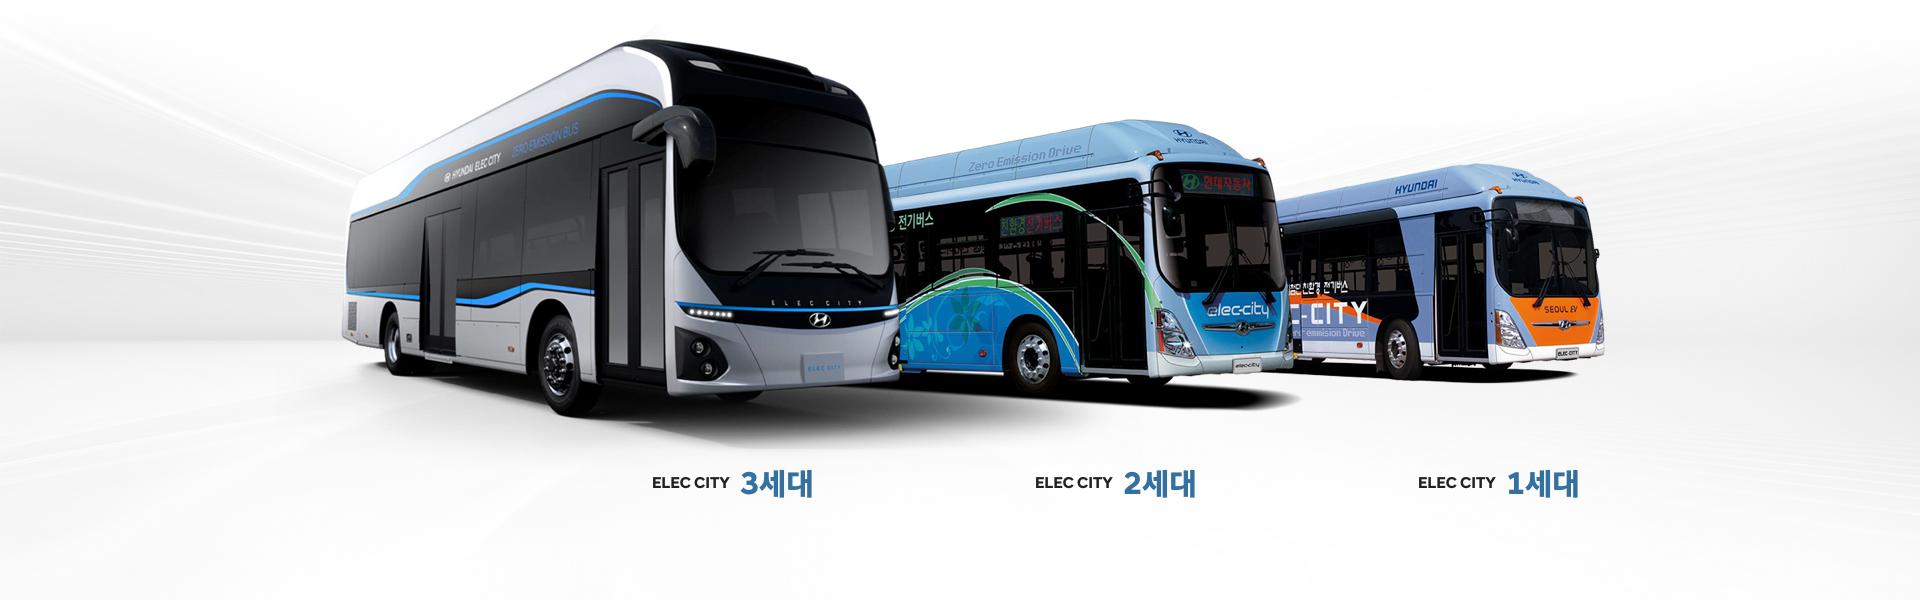 일렉시티 1세대, 2세대, 3세대 버스 사진